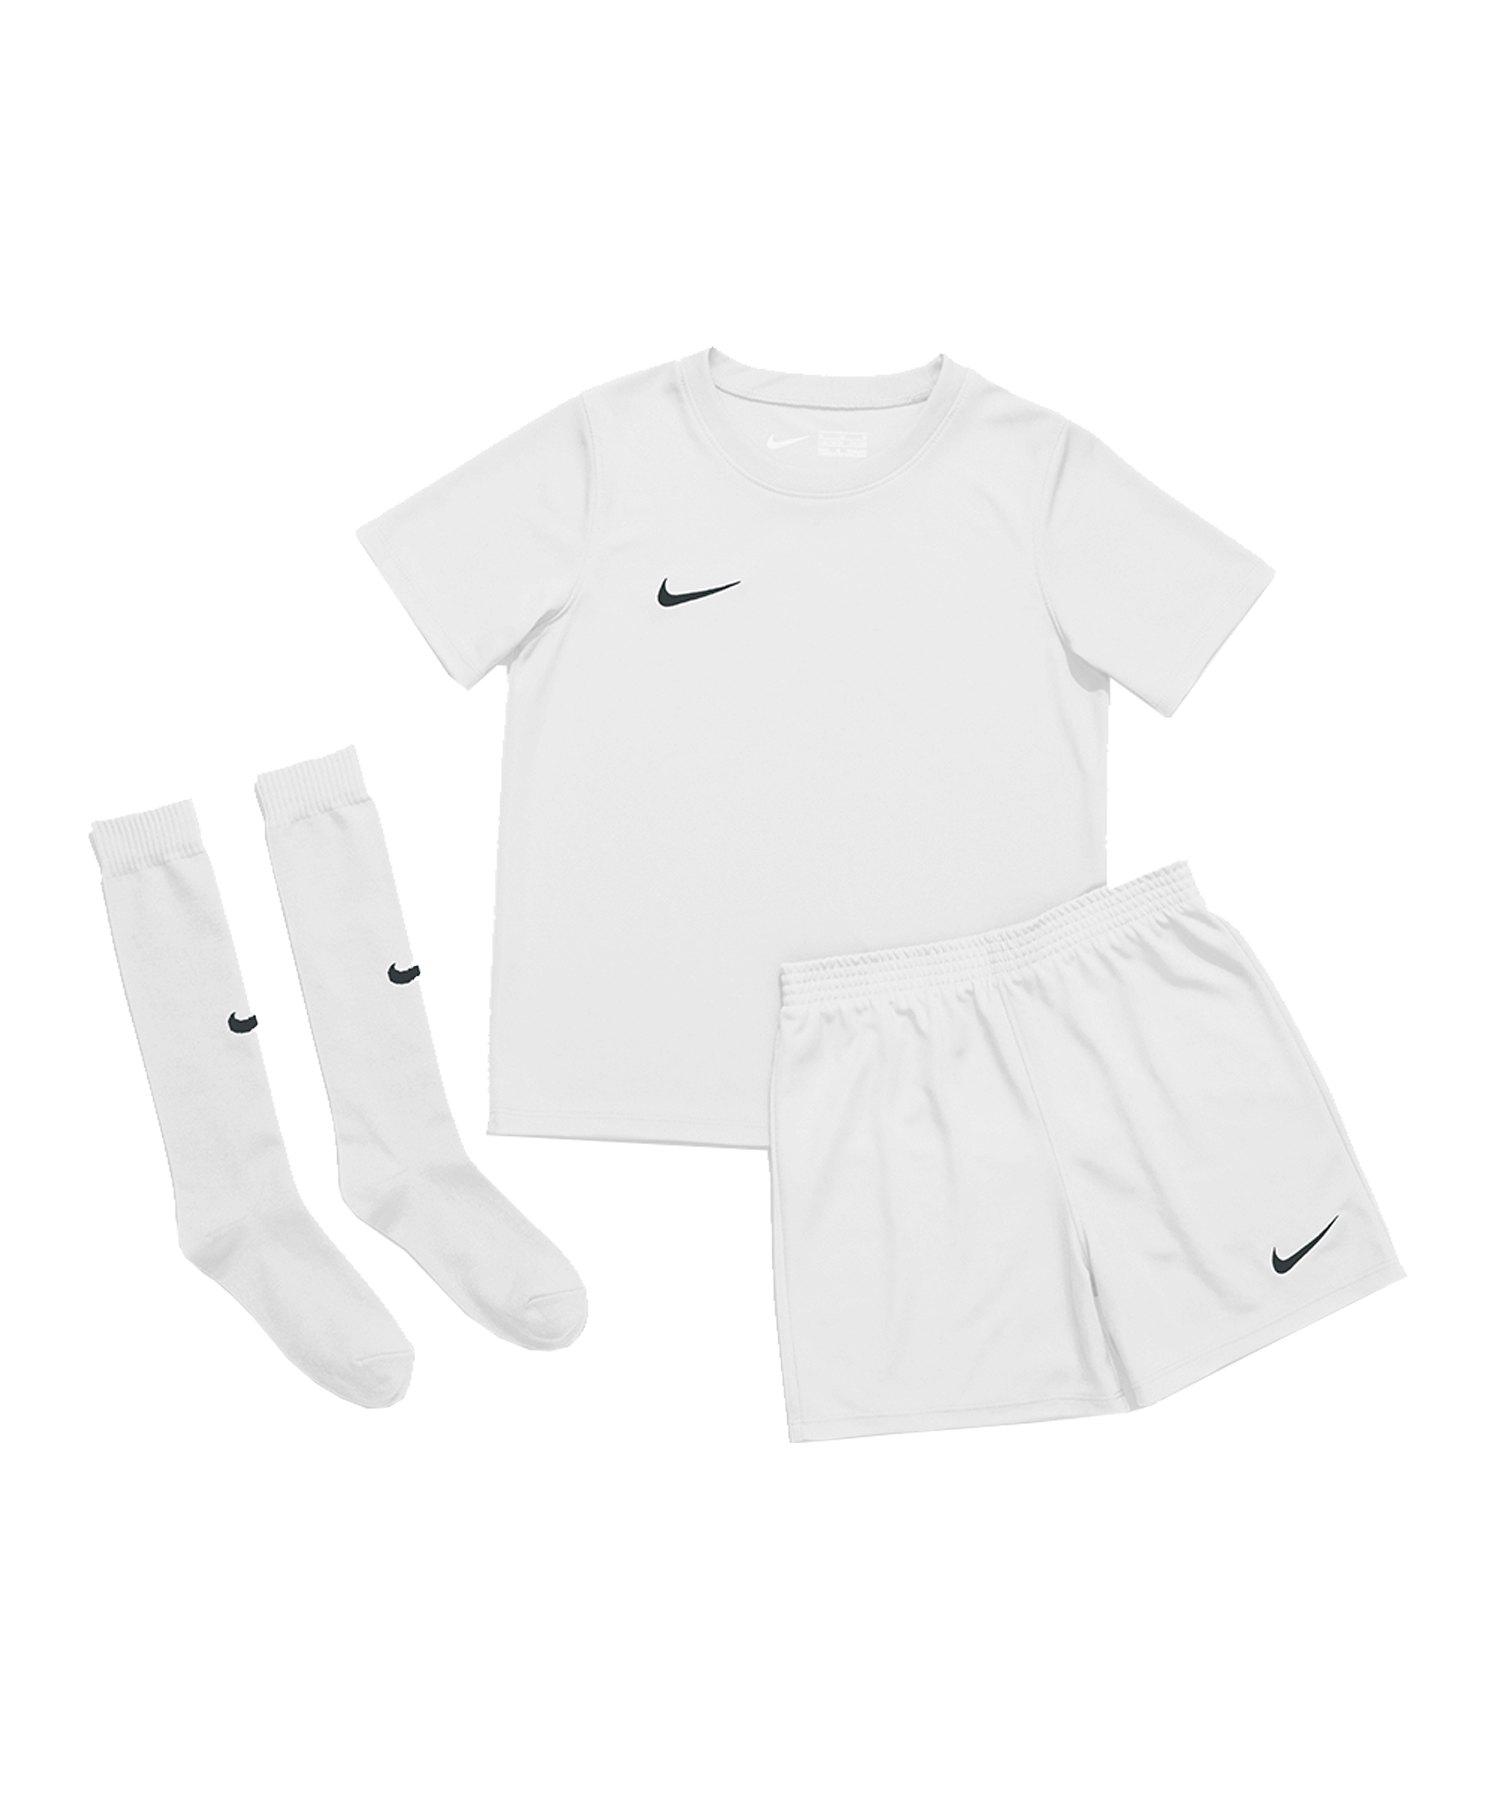 Nike Park 20 Kit Kids Weiss F100 - weiss